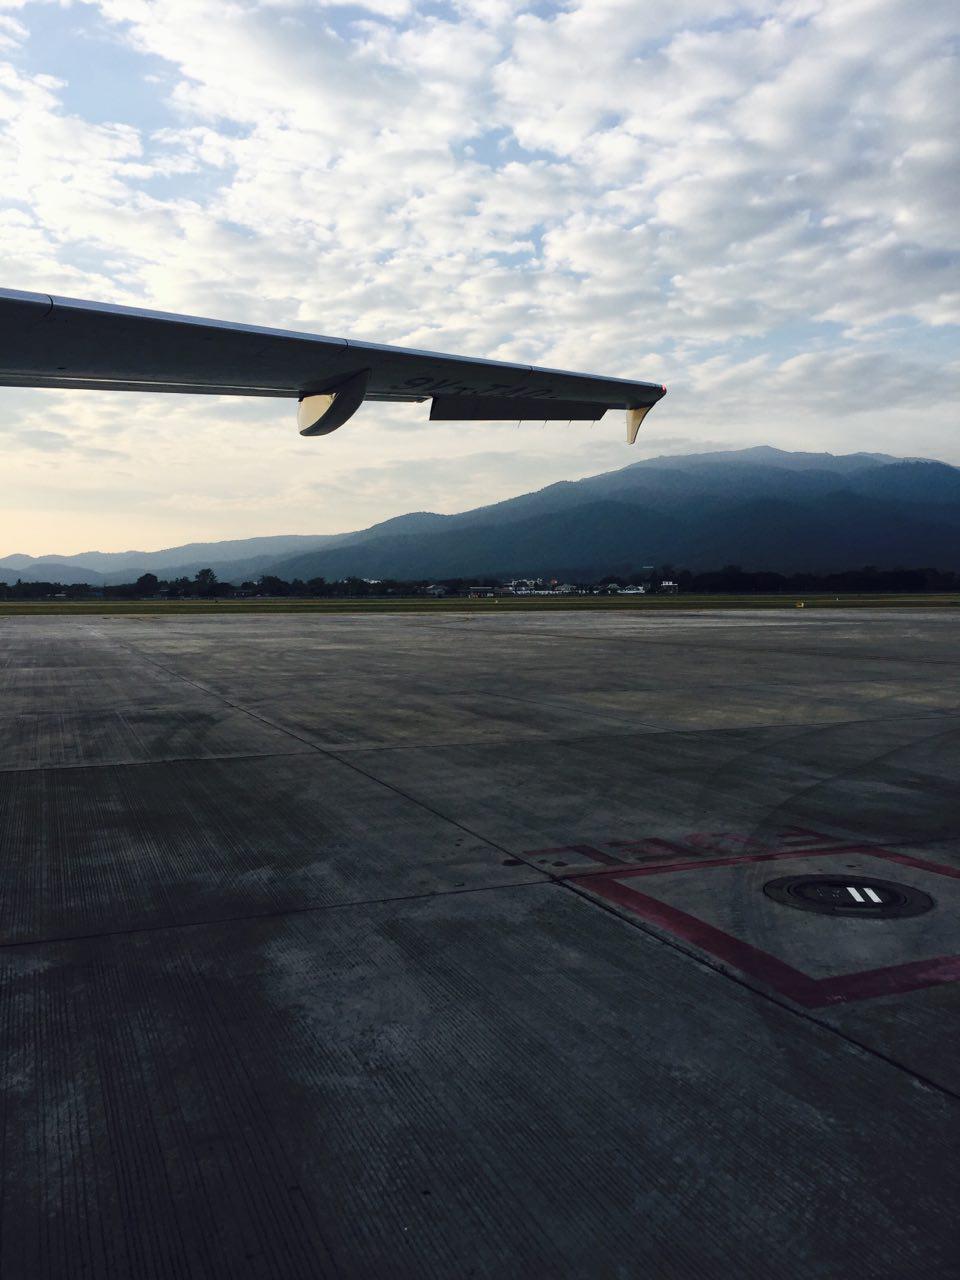 airplanemountains.jpg